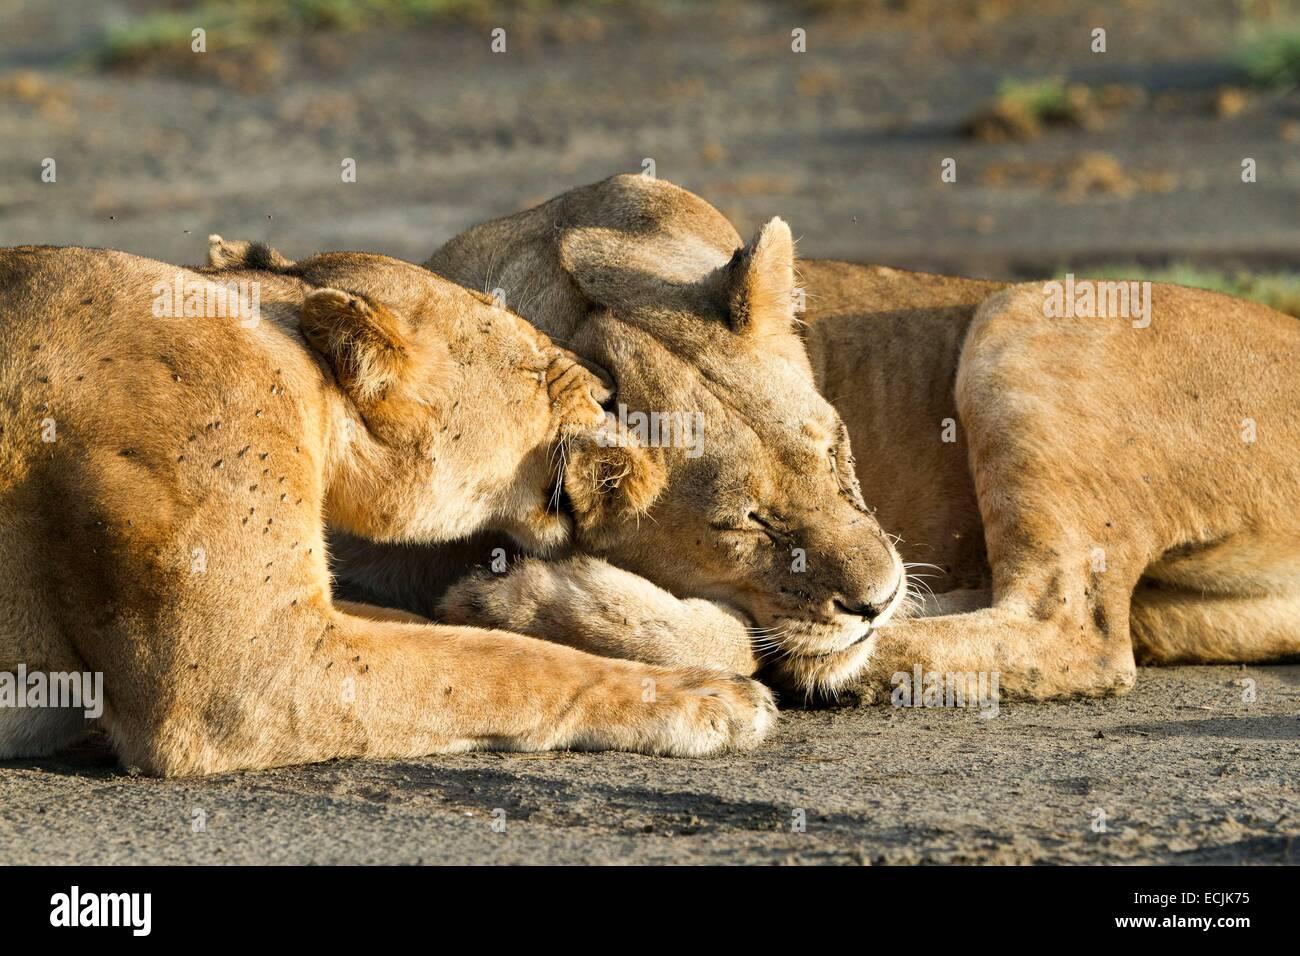 Tanzanie, Ngorongoro national park, lion (Panthera leo), females cleaning themselves - Stock Image